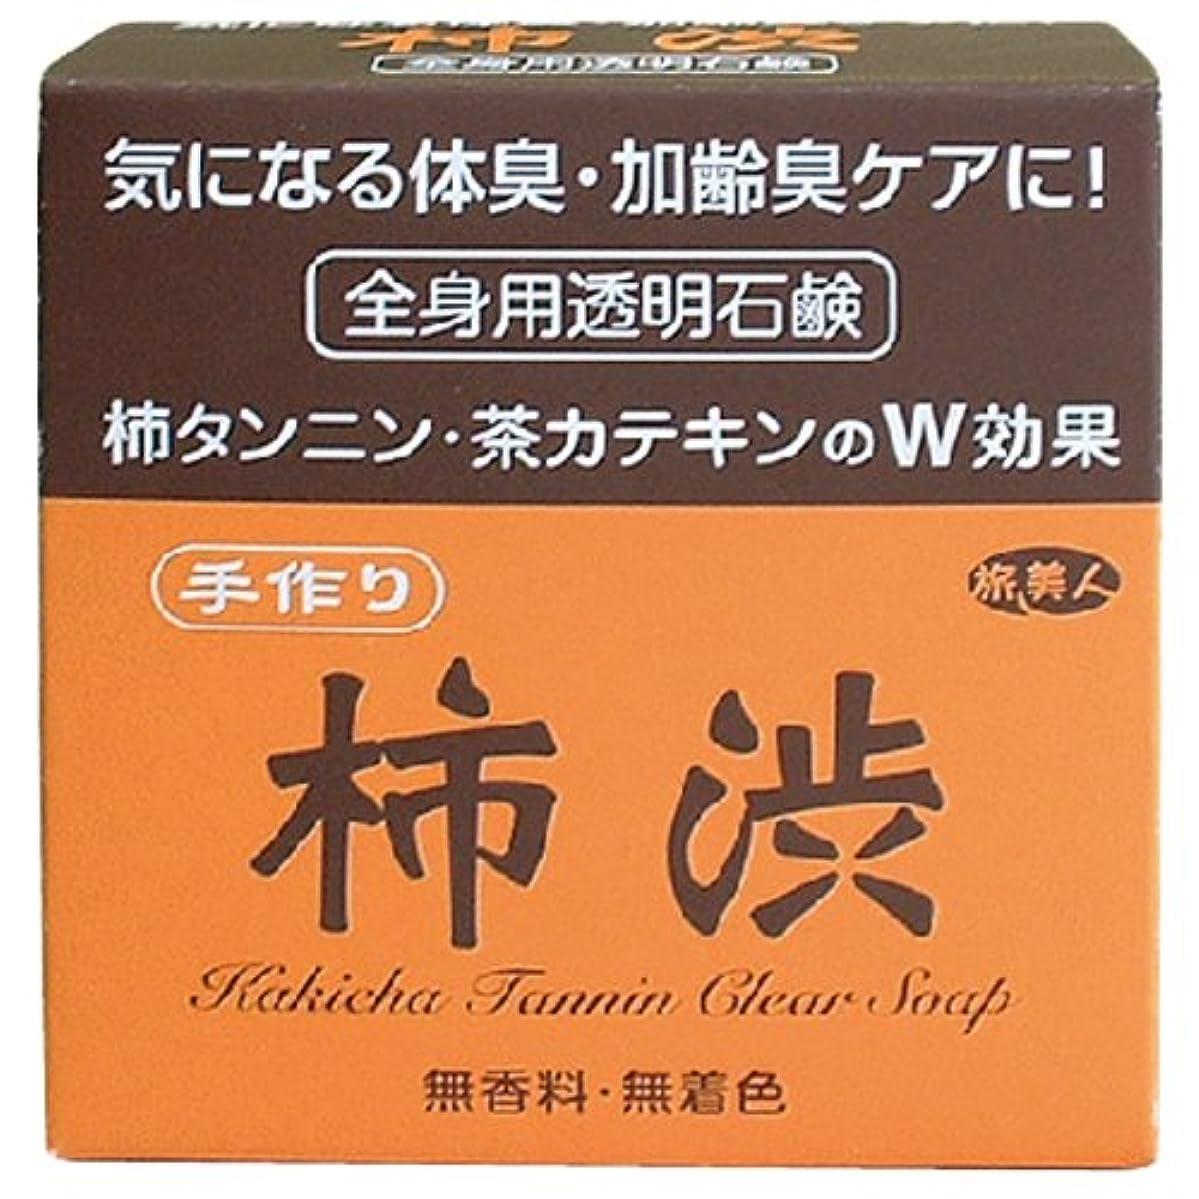 ルーフレディレキシコン気になる体臭?加齢臭ケアに アズマ商事の手作り柿渋透明石鹸